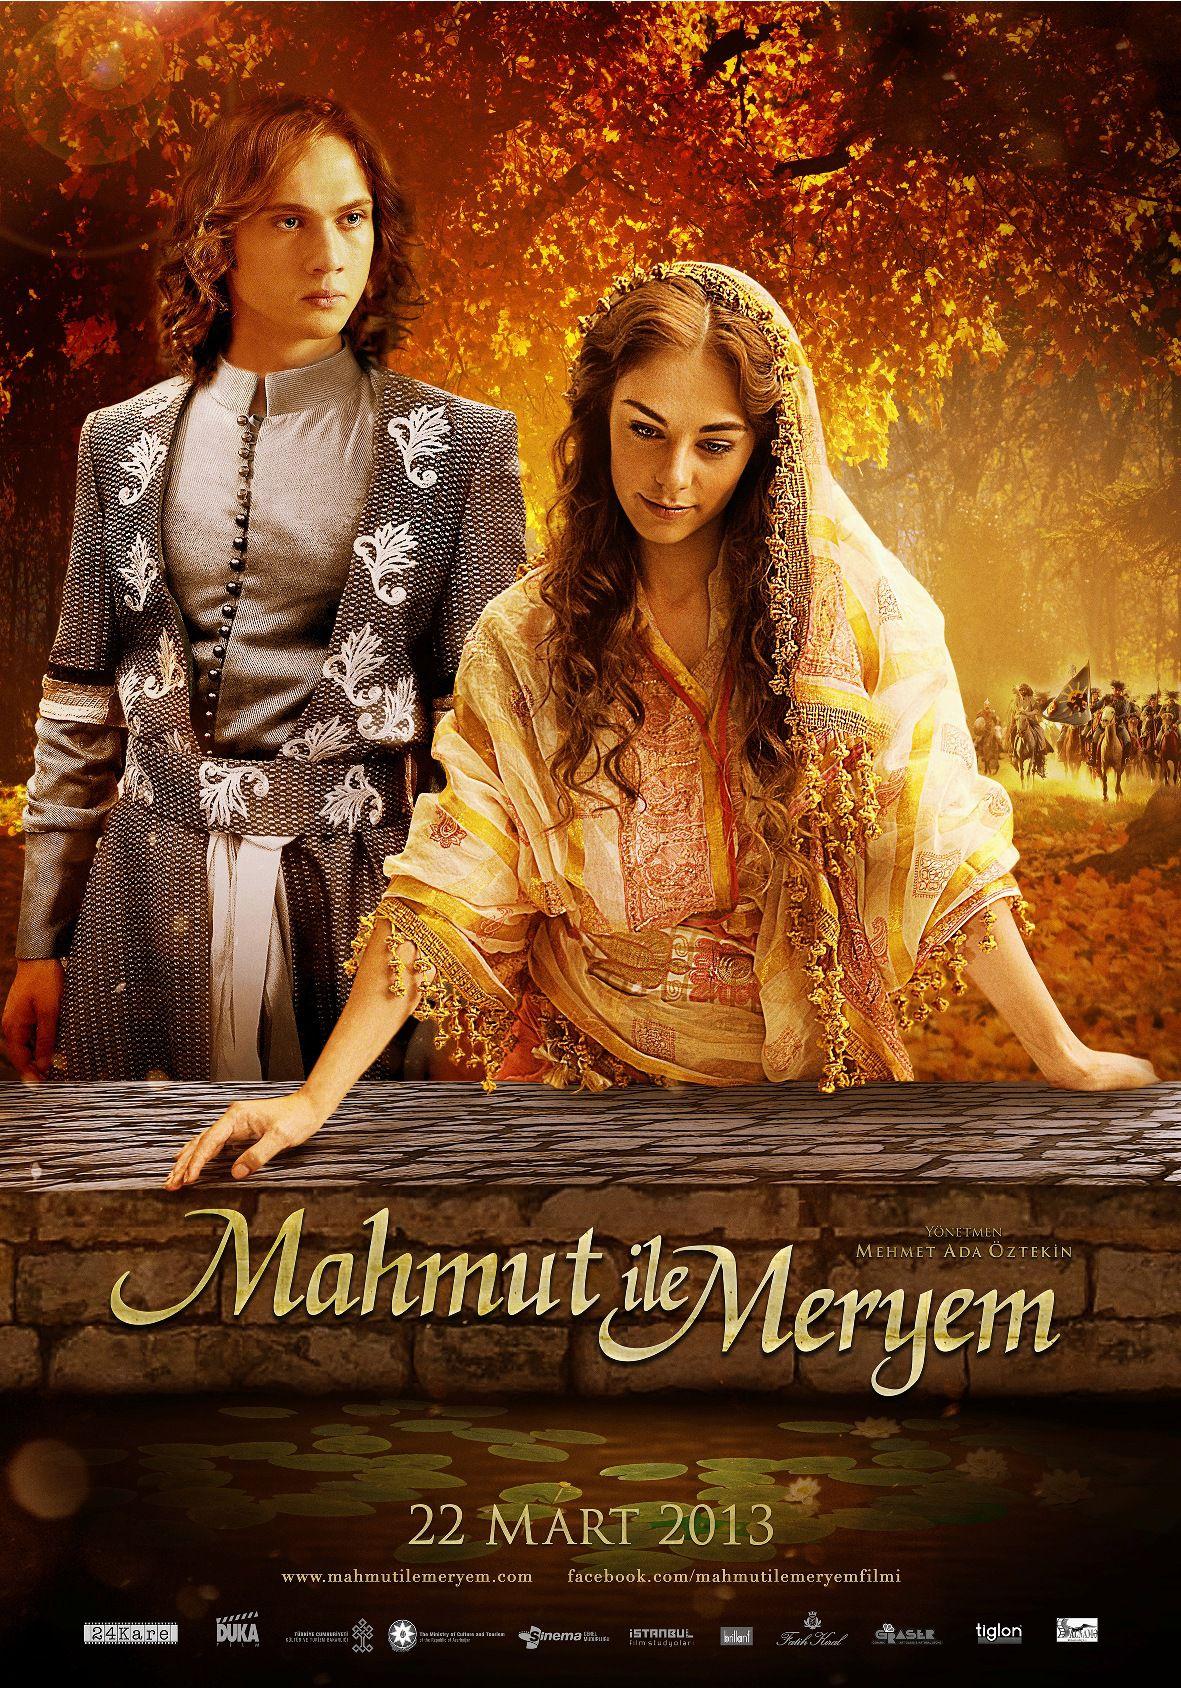 Mahmut ile Meryem - Film (2013)